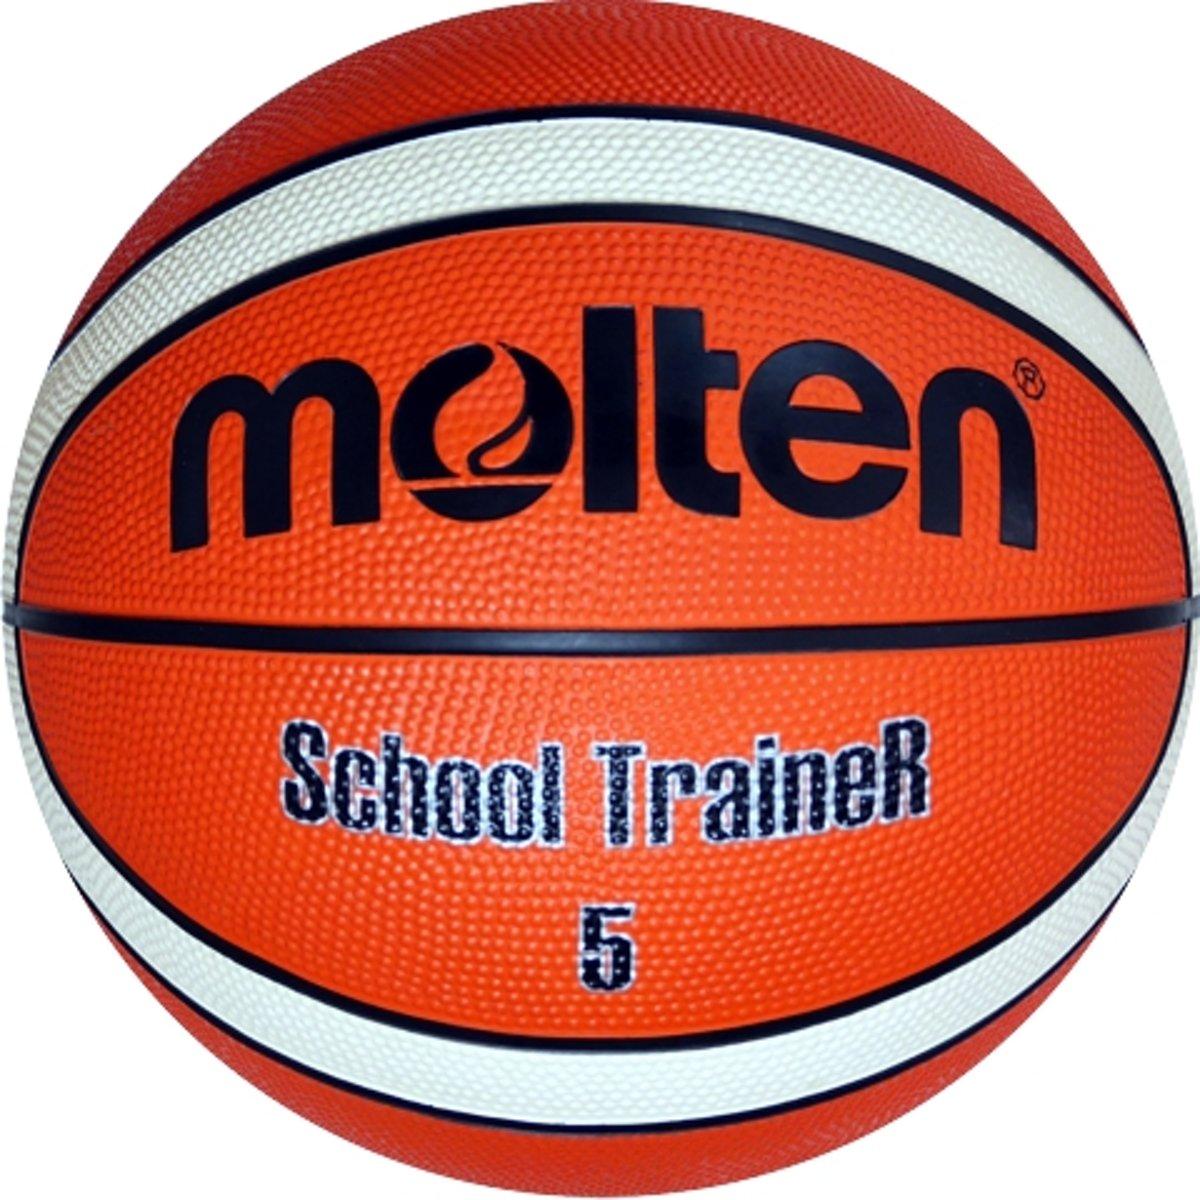 Molten Basketbal BG5-ST School Trainer maat 5 kopen